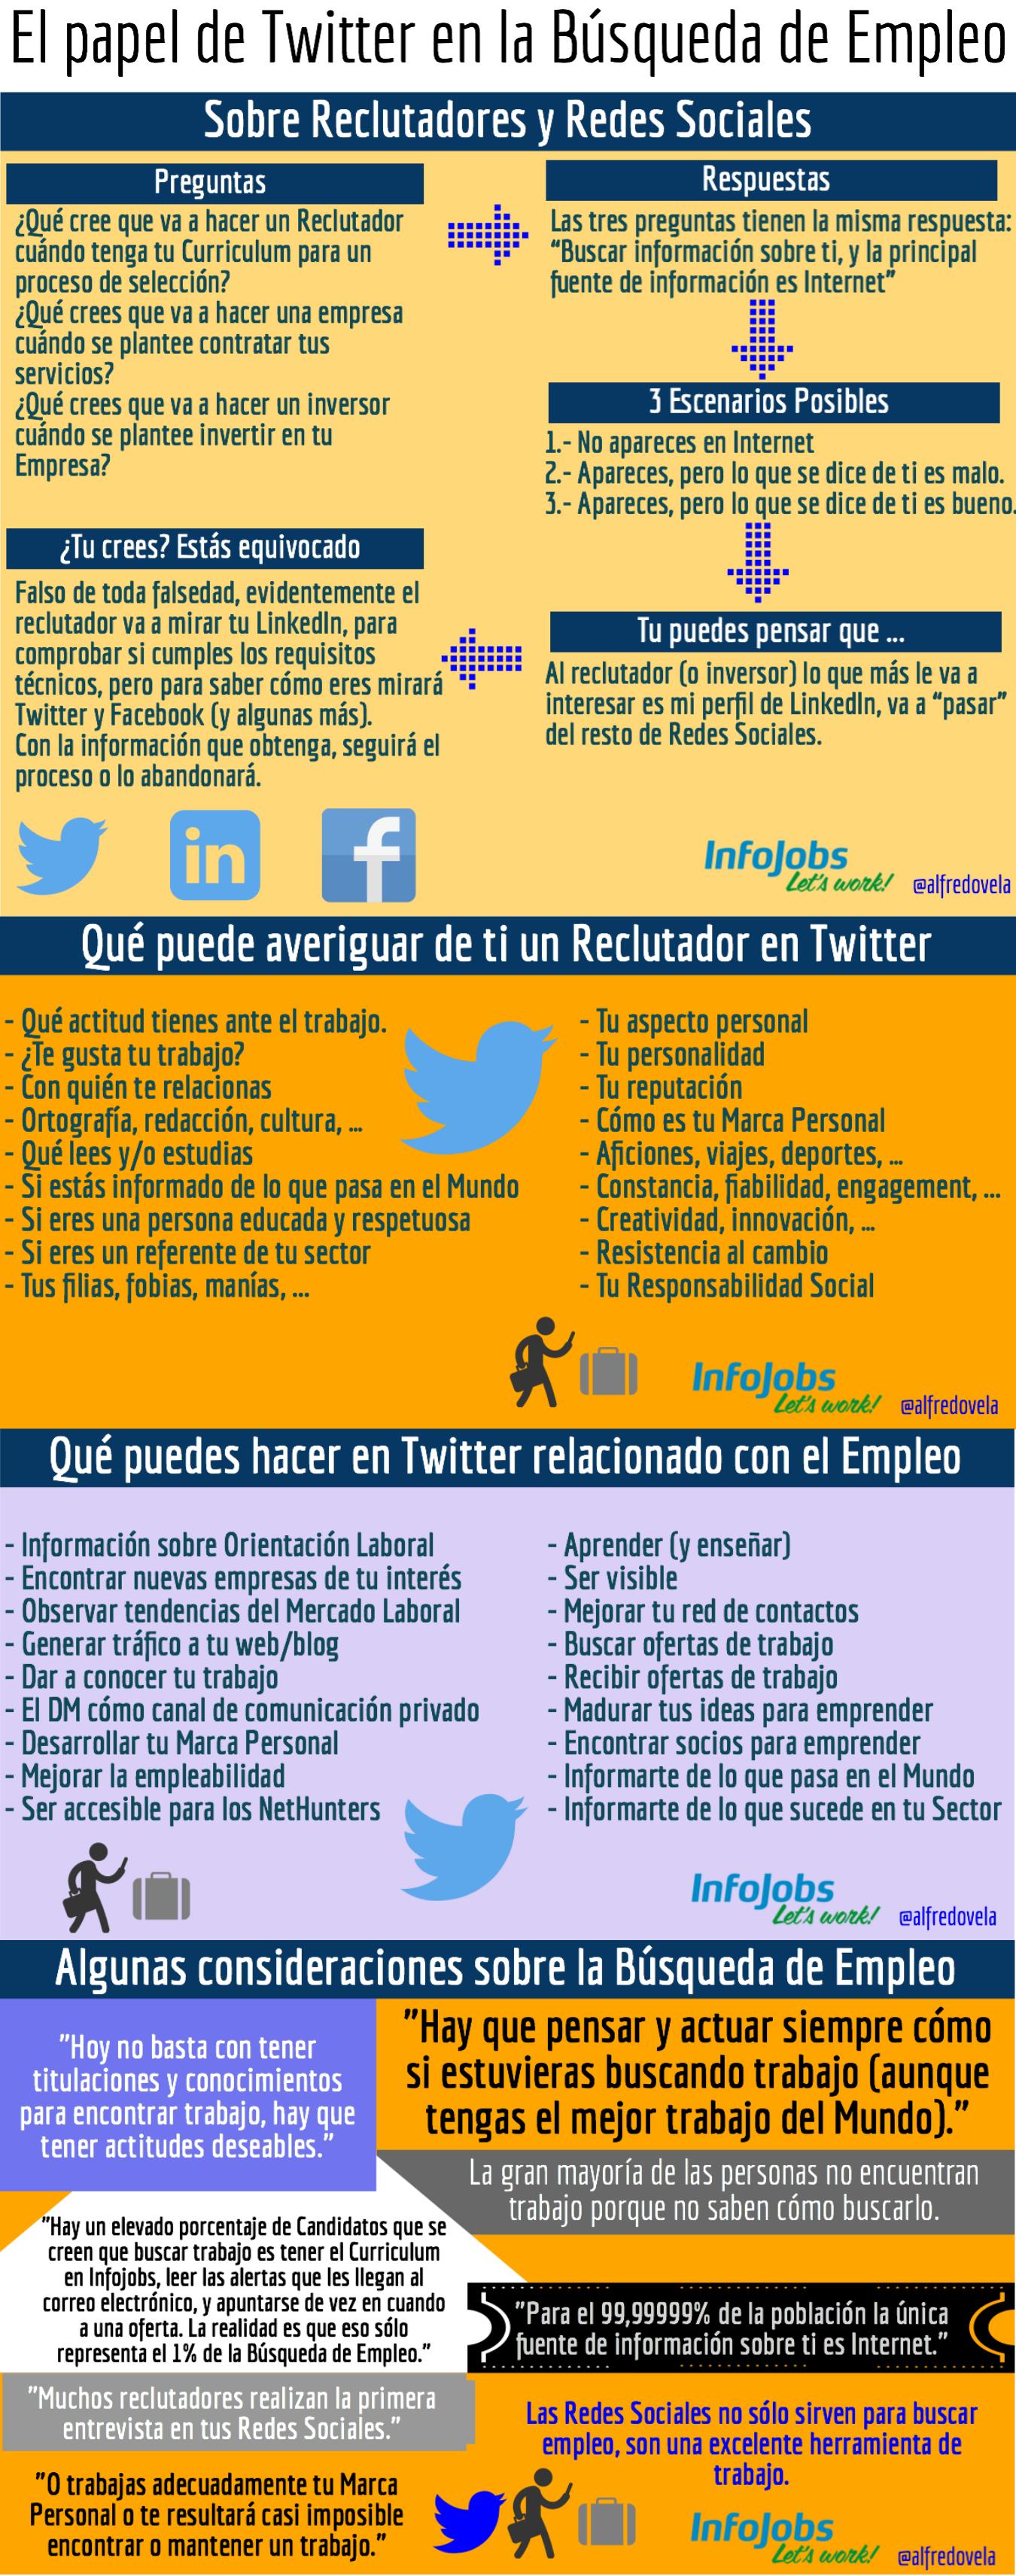 El papel de Twitter en la Búsqueda de Empleo #infografia #socialmedia #empleo